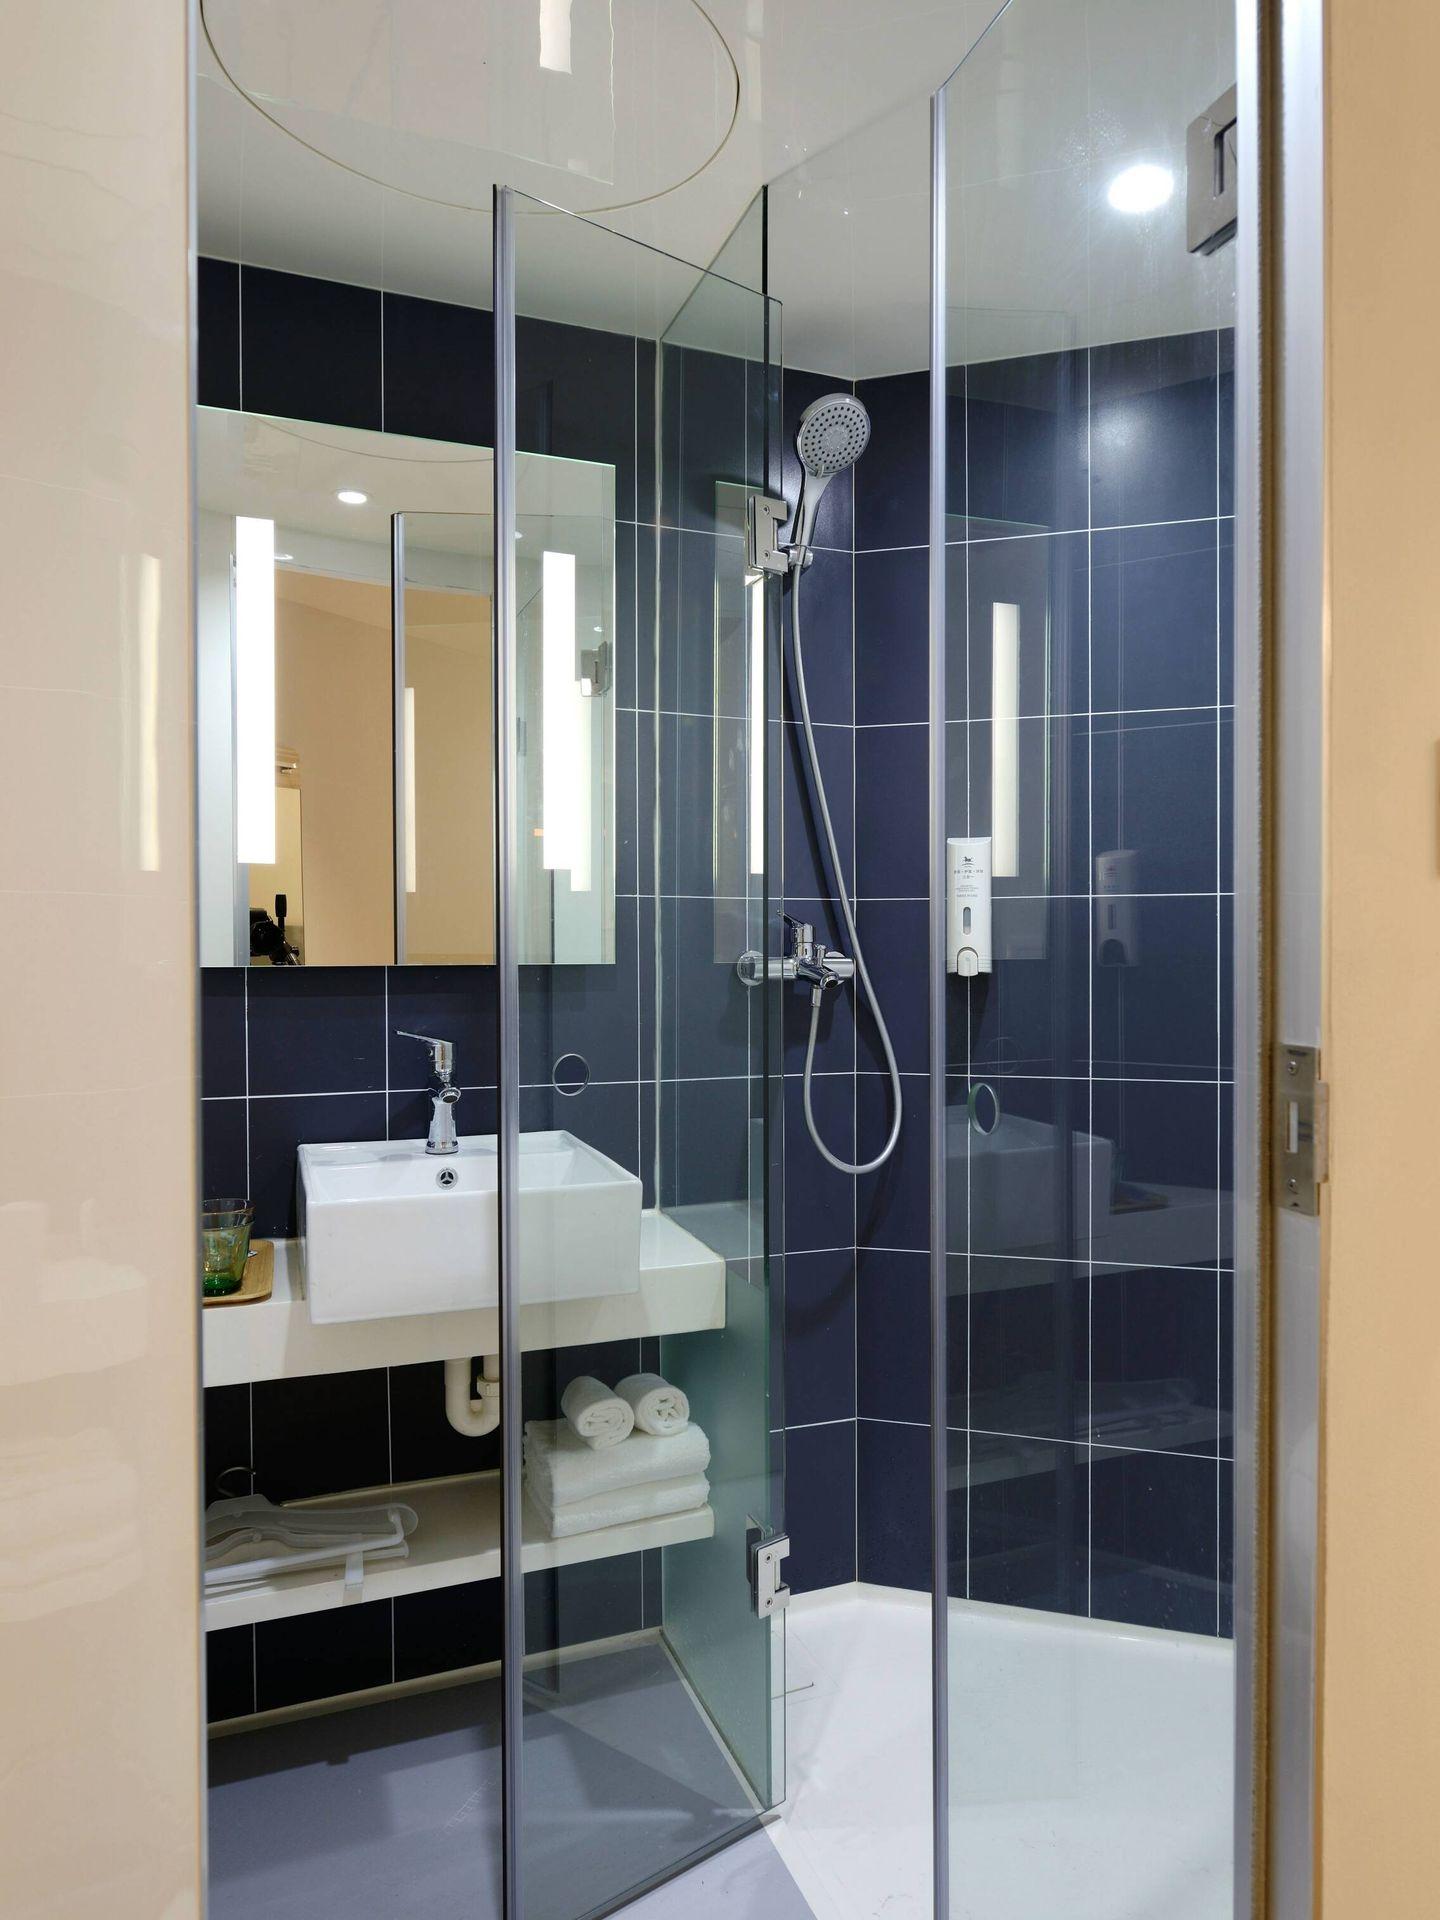 Claves para limpiar baños y azulejos. (Pixabay para Pexels)